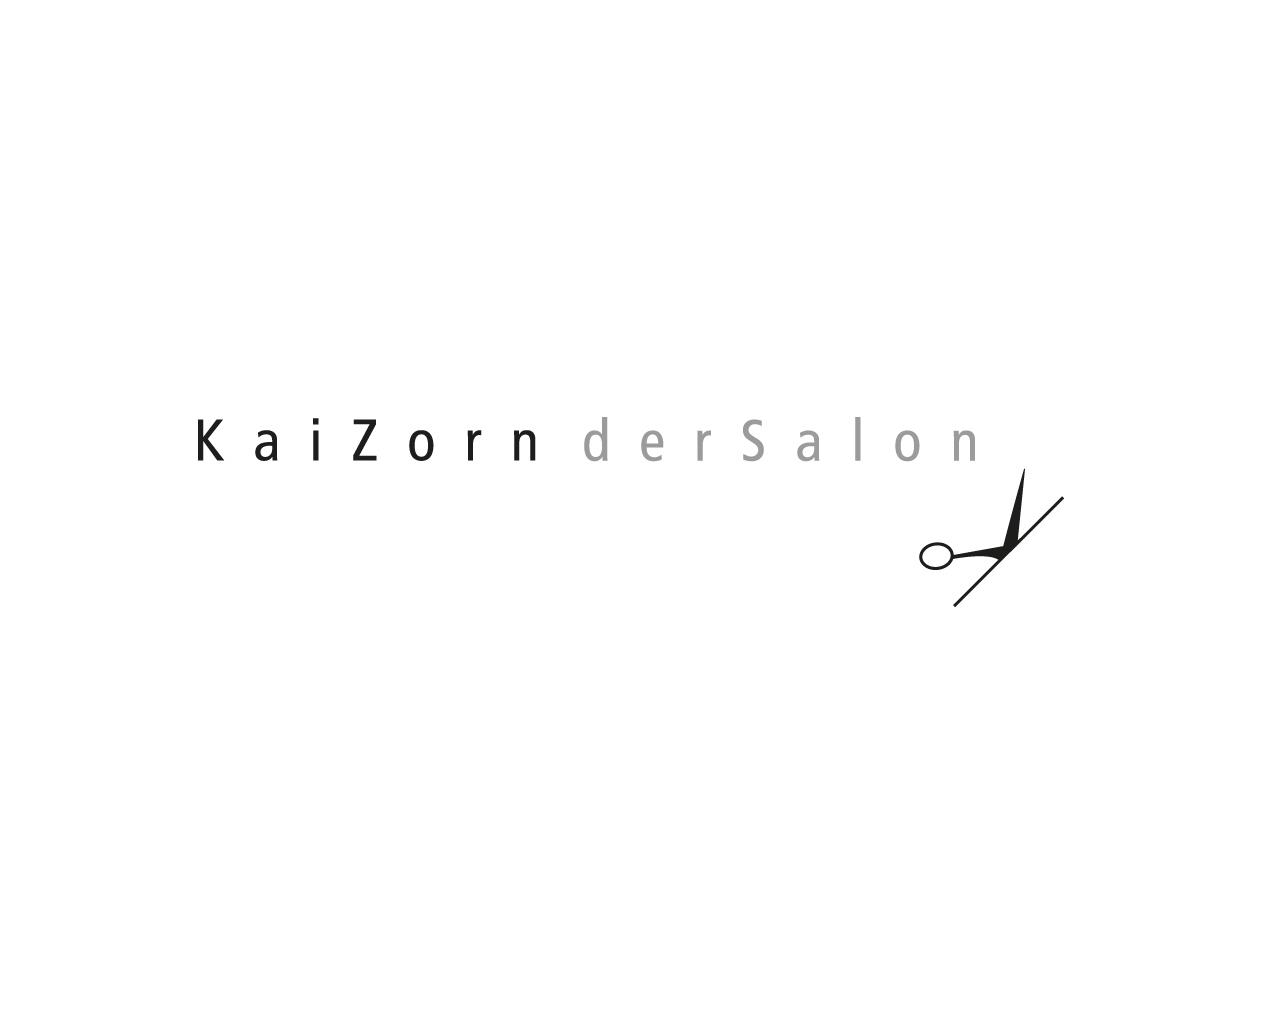 KaiZorn - derSalon